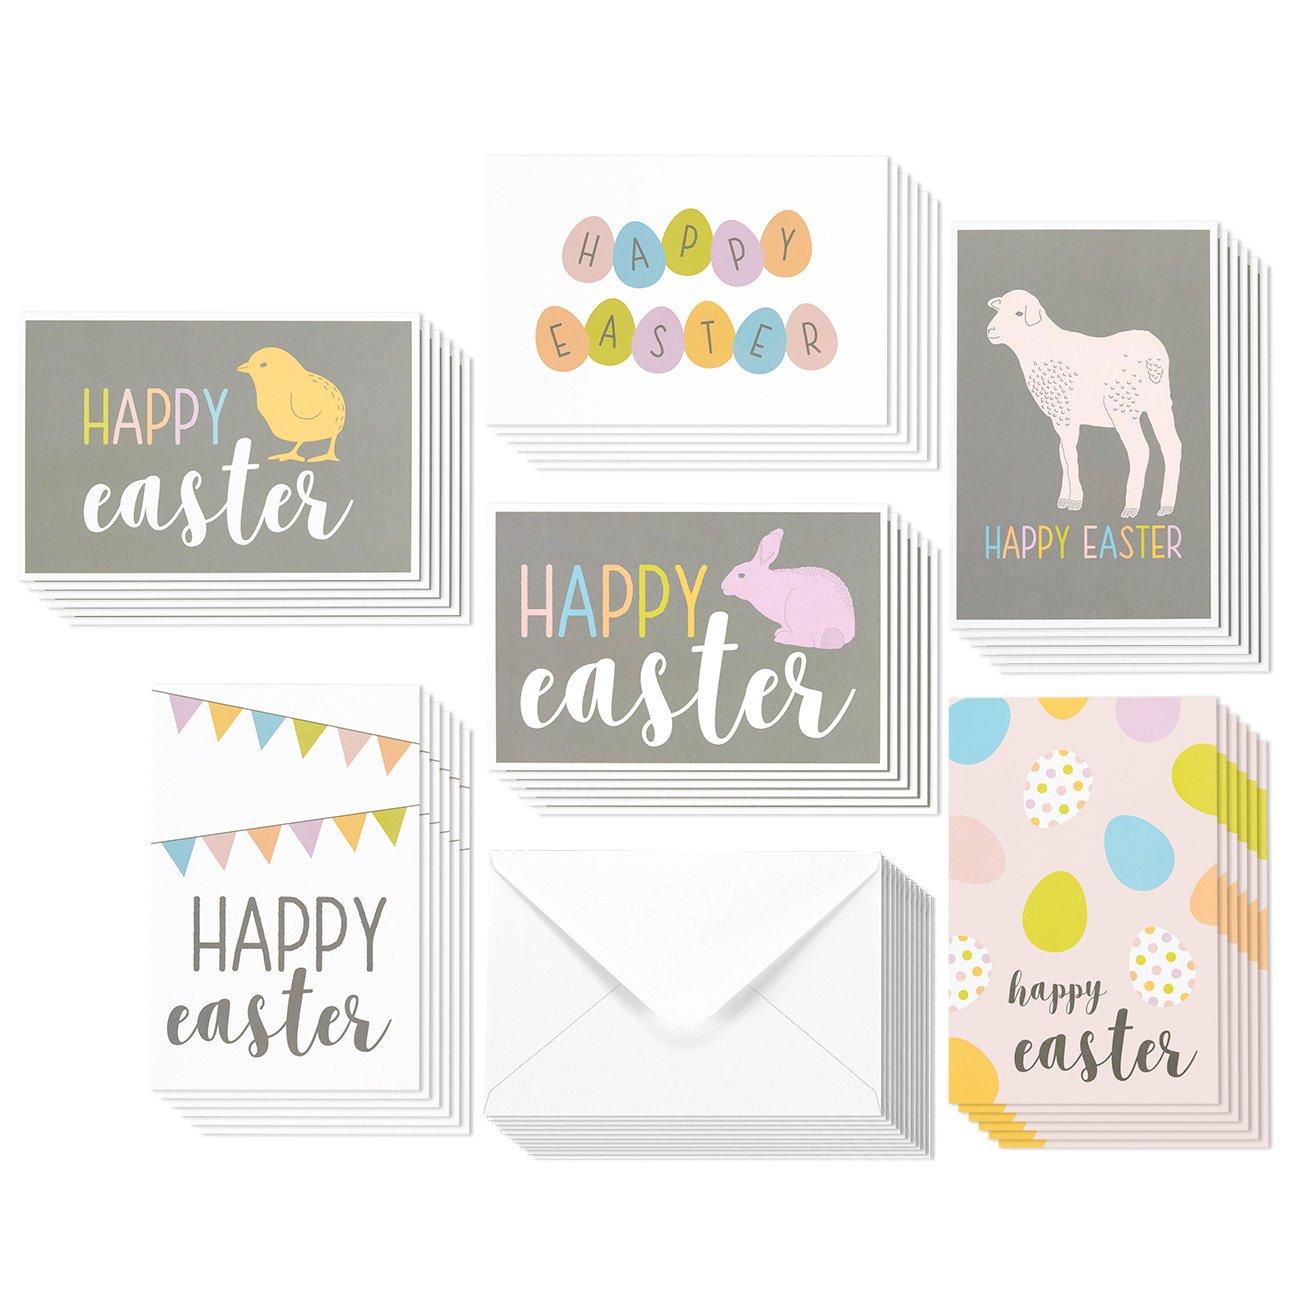 Best Paper Greetings 36pezzi Happy Easter vuoto all' interno, bigliettini per bambini–Coniglietto di Pasqua, coniglietti, uovo di Pasqua, Pasqua coniglio colori pastello design–Scatola assortimento di biglietti di auguri–10,2x 15,2cm Juvale